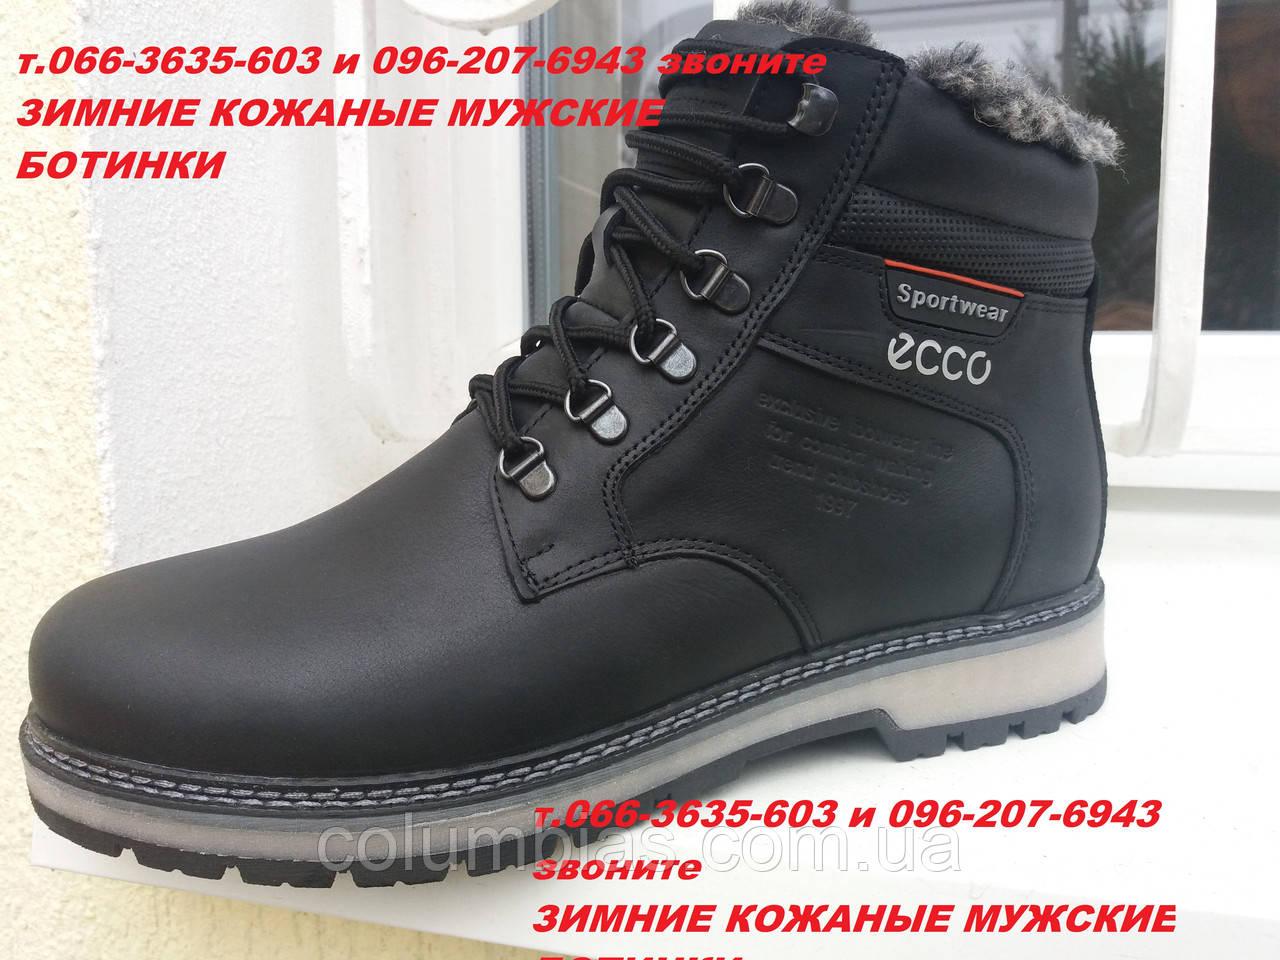 4b5e0939d Мужская зимняя обувь Ecco 46 размера - Весь ассортимент в наличии, звоните  в любое время